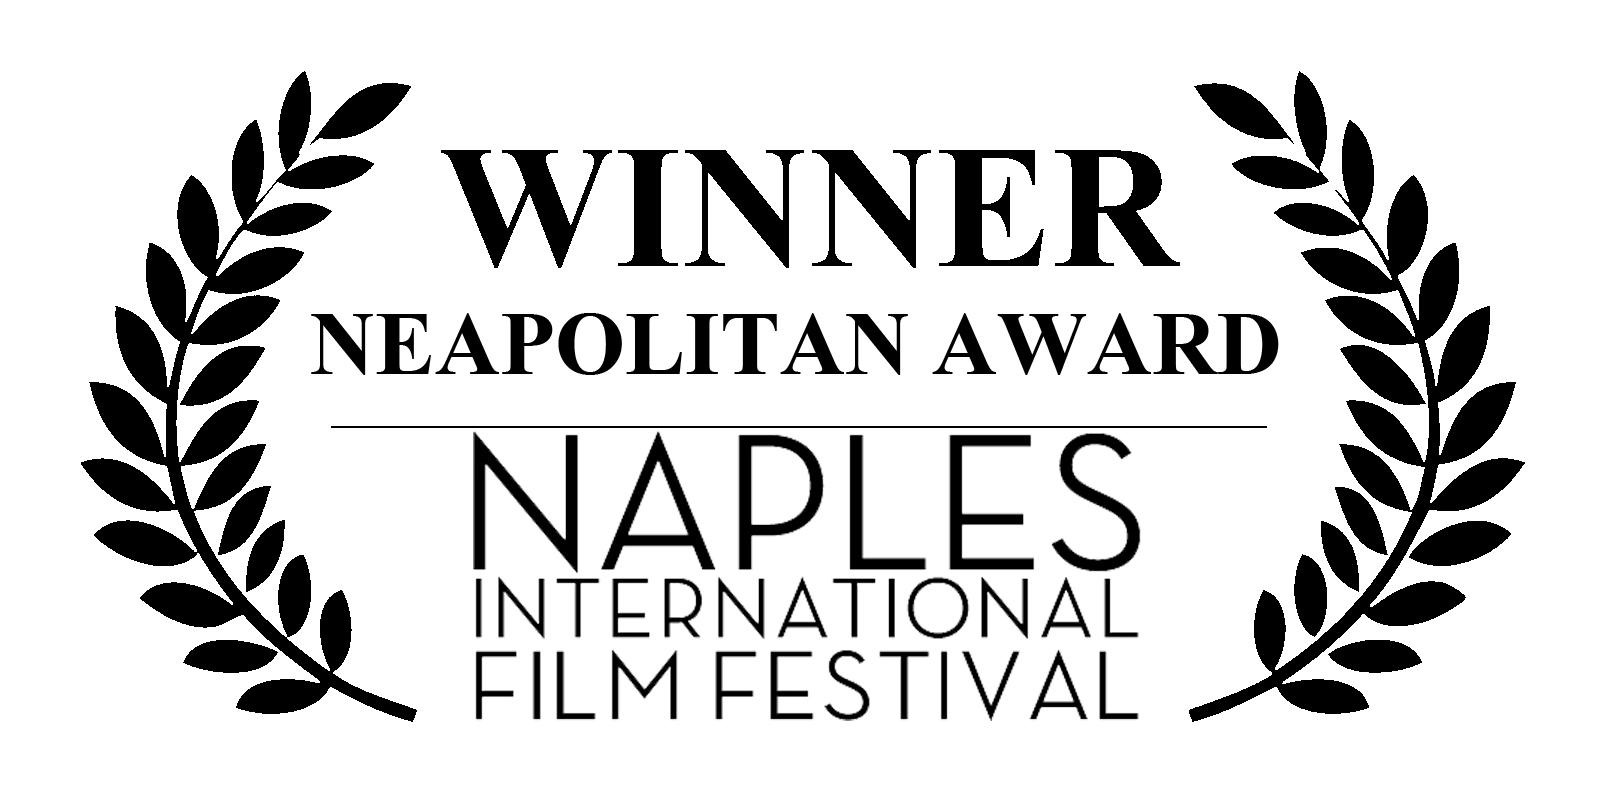 NAPLES-NEAPOLITAN-AWARD-WHITE-BG.jpg